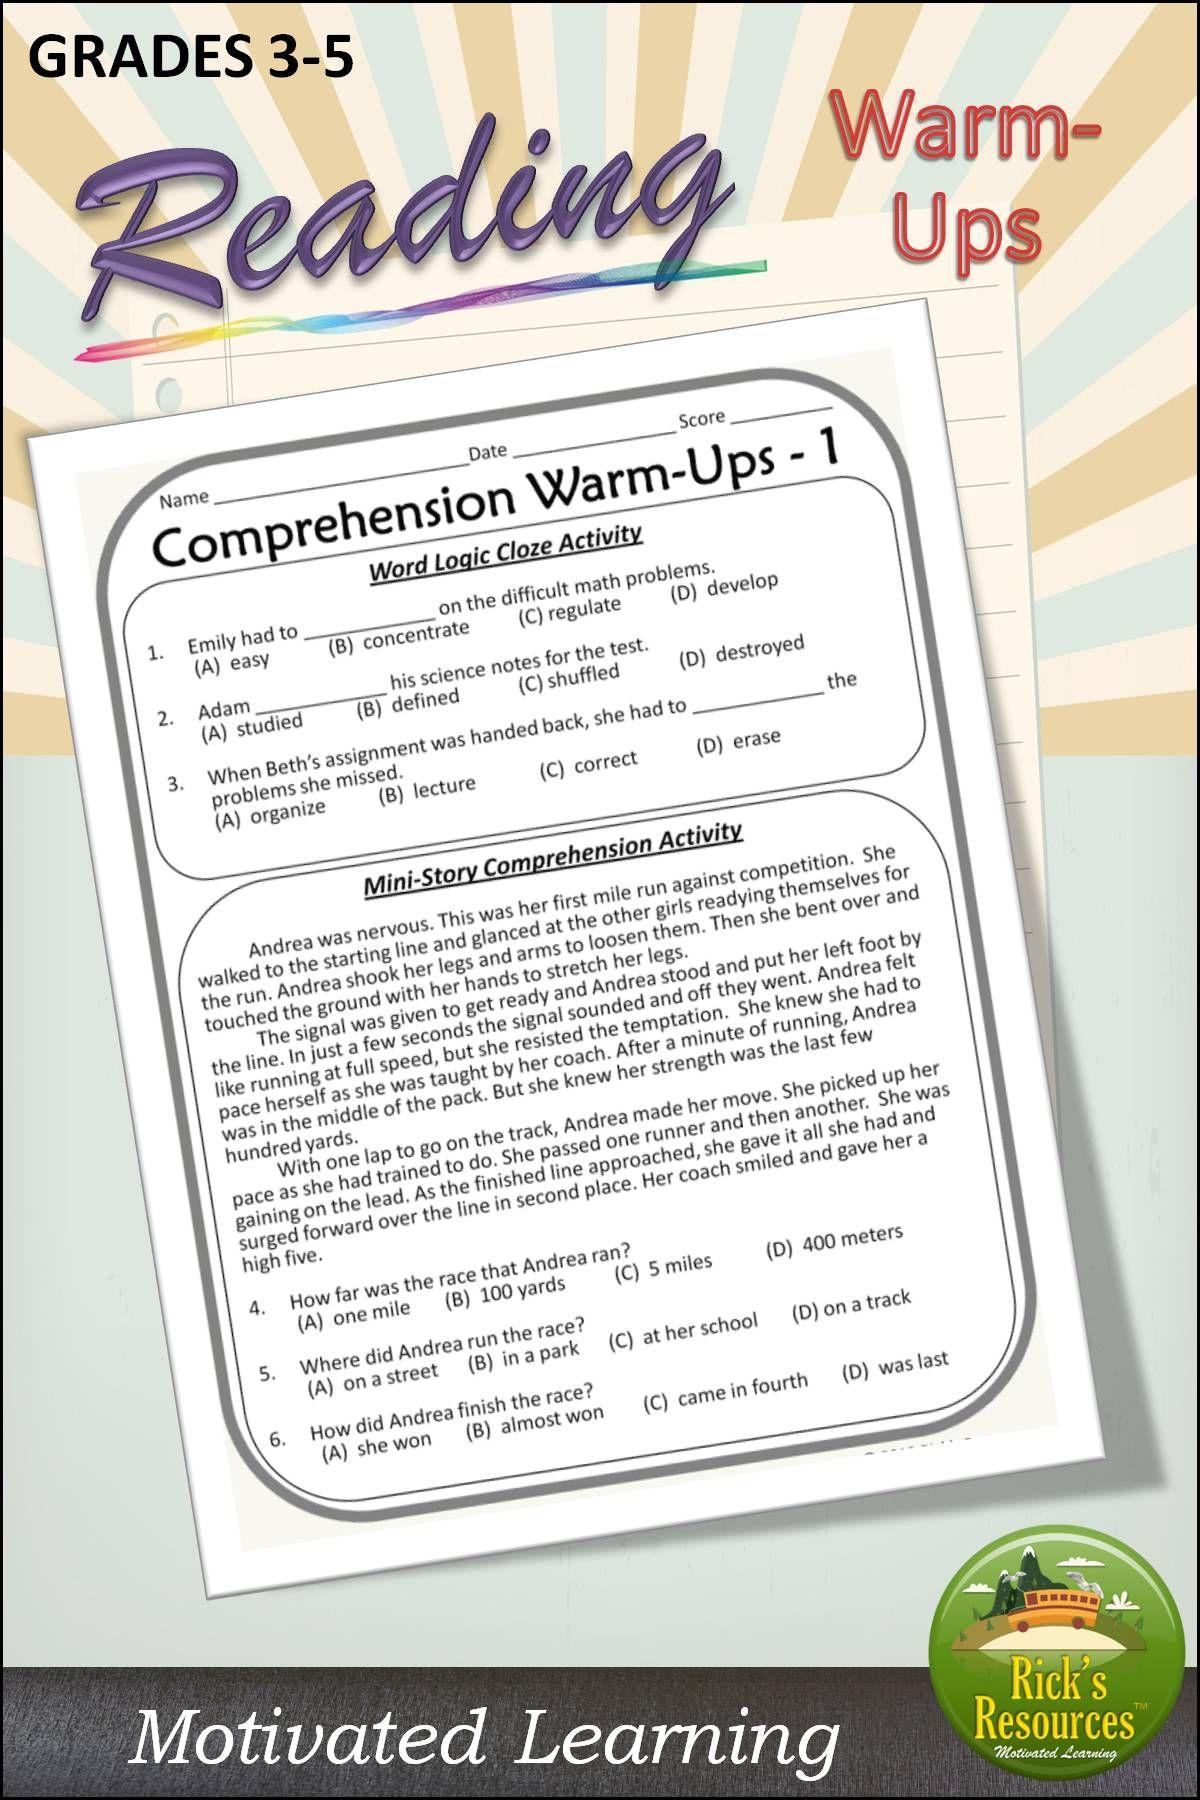 Comprehension Warm Ups Cloze Activity Reading Comprehension Skills Reading Comprehension [ 1800 x 1200 Pixel ]